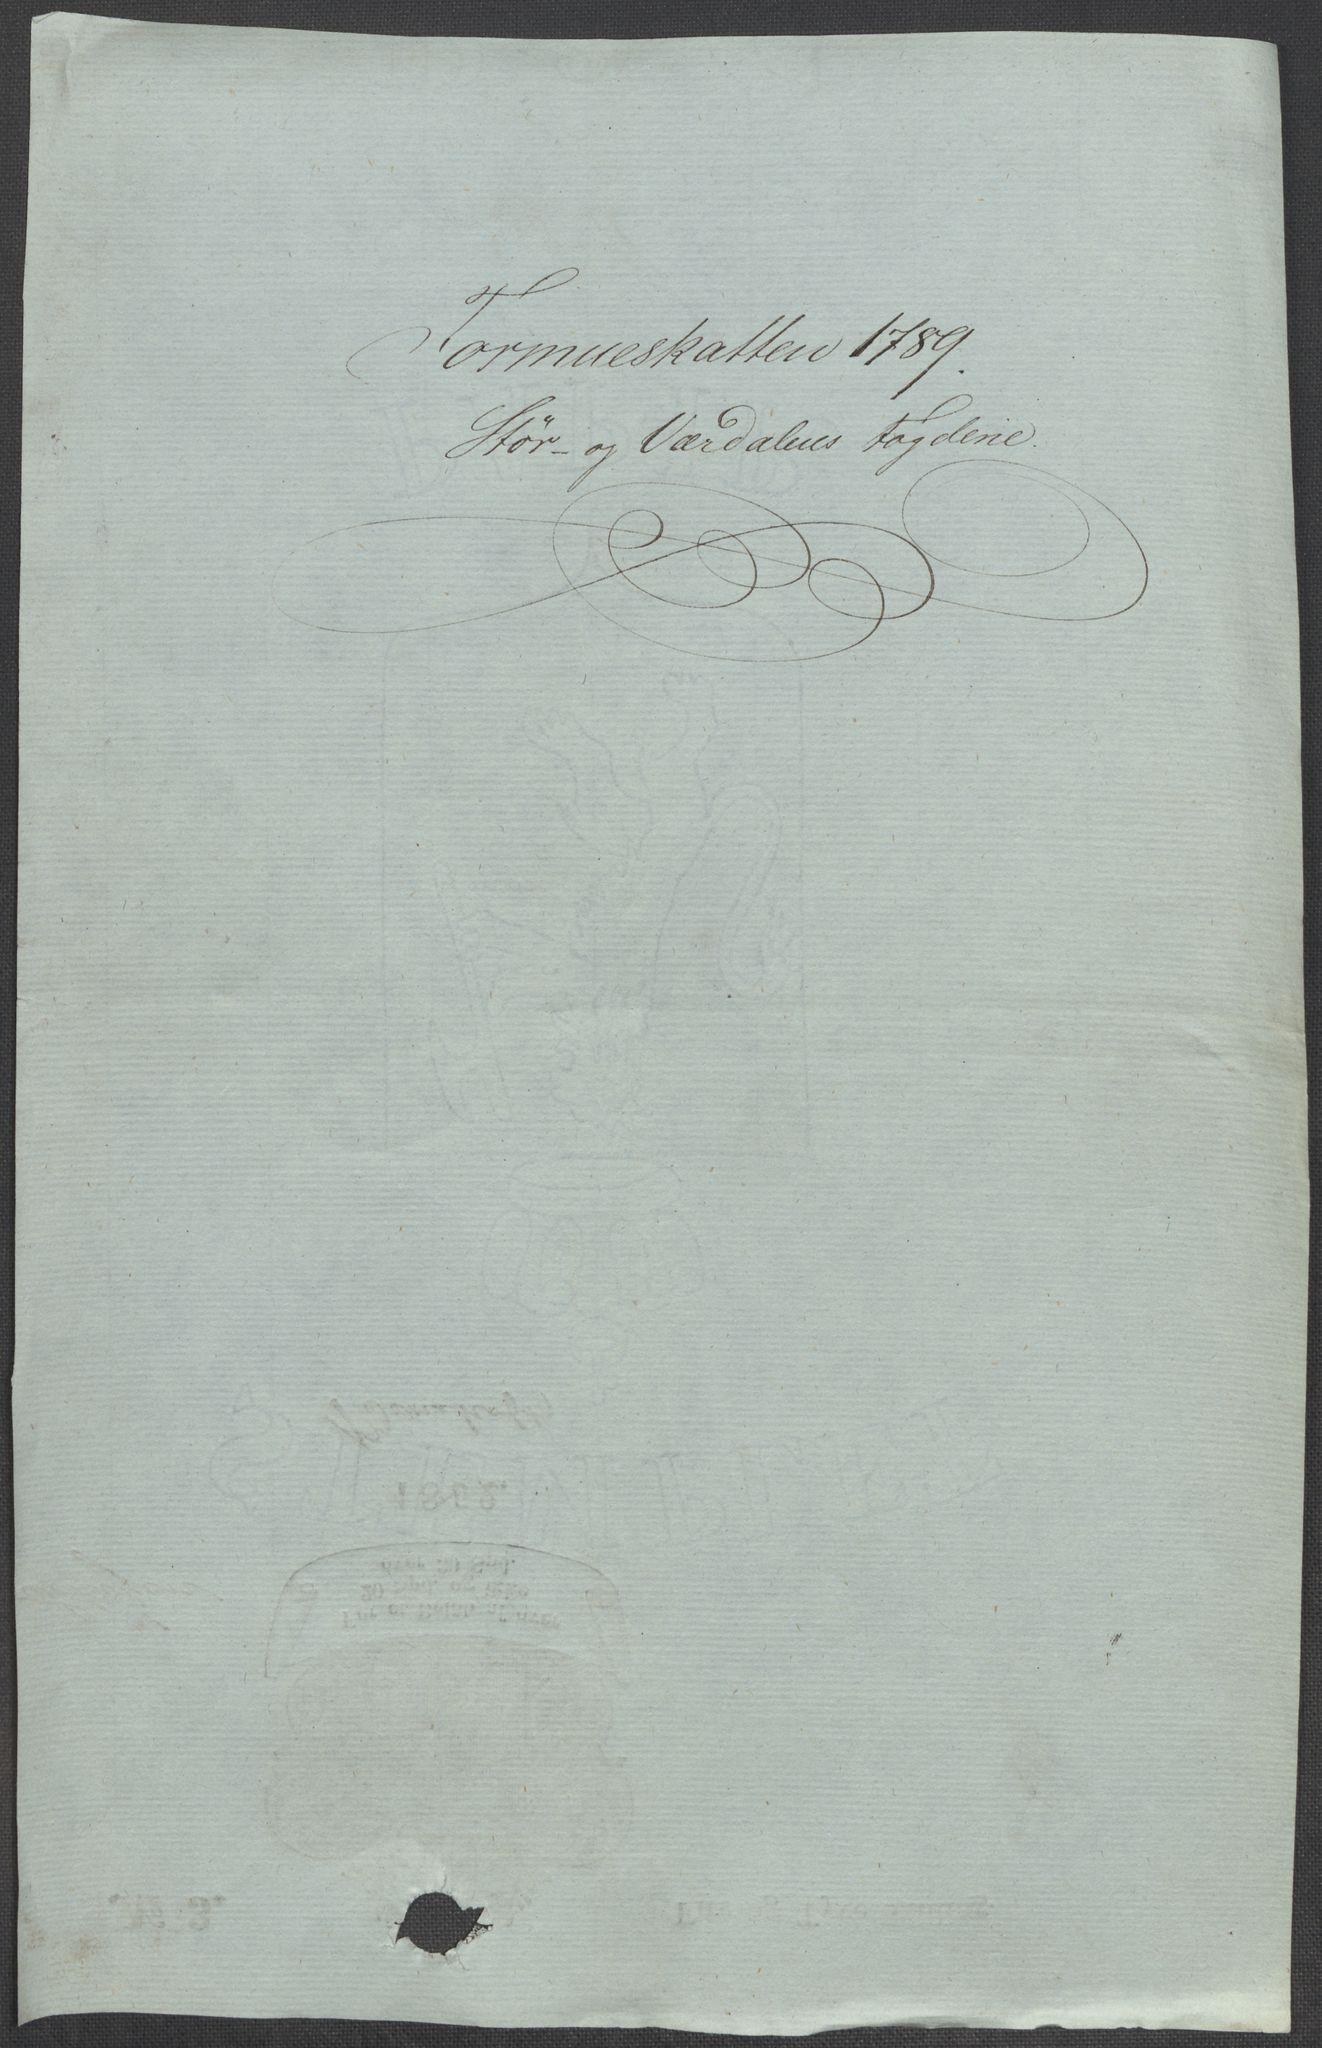 RA, Rentekammeret inntil 1814, Reviderte regnskaper, Mindre regnskaper, Rf/Rfe/L0045: Stavanger, Stjørdal og Verdal fogderi, 1789, s. 129